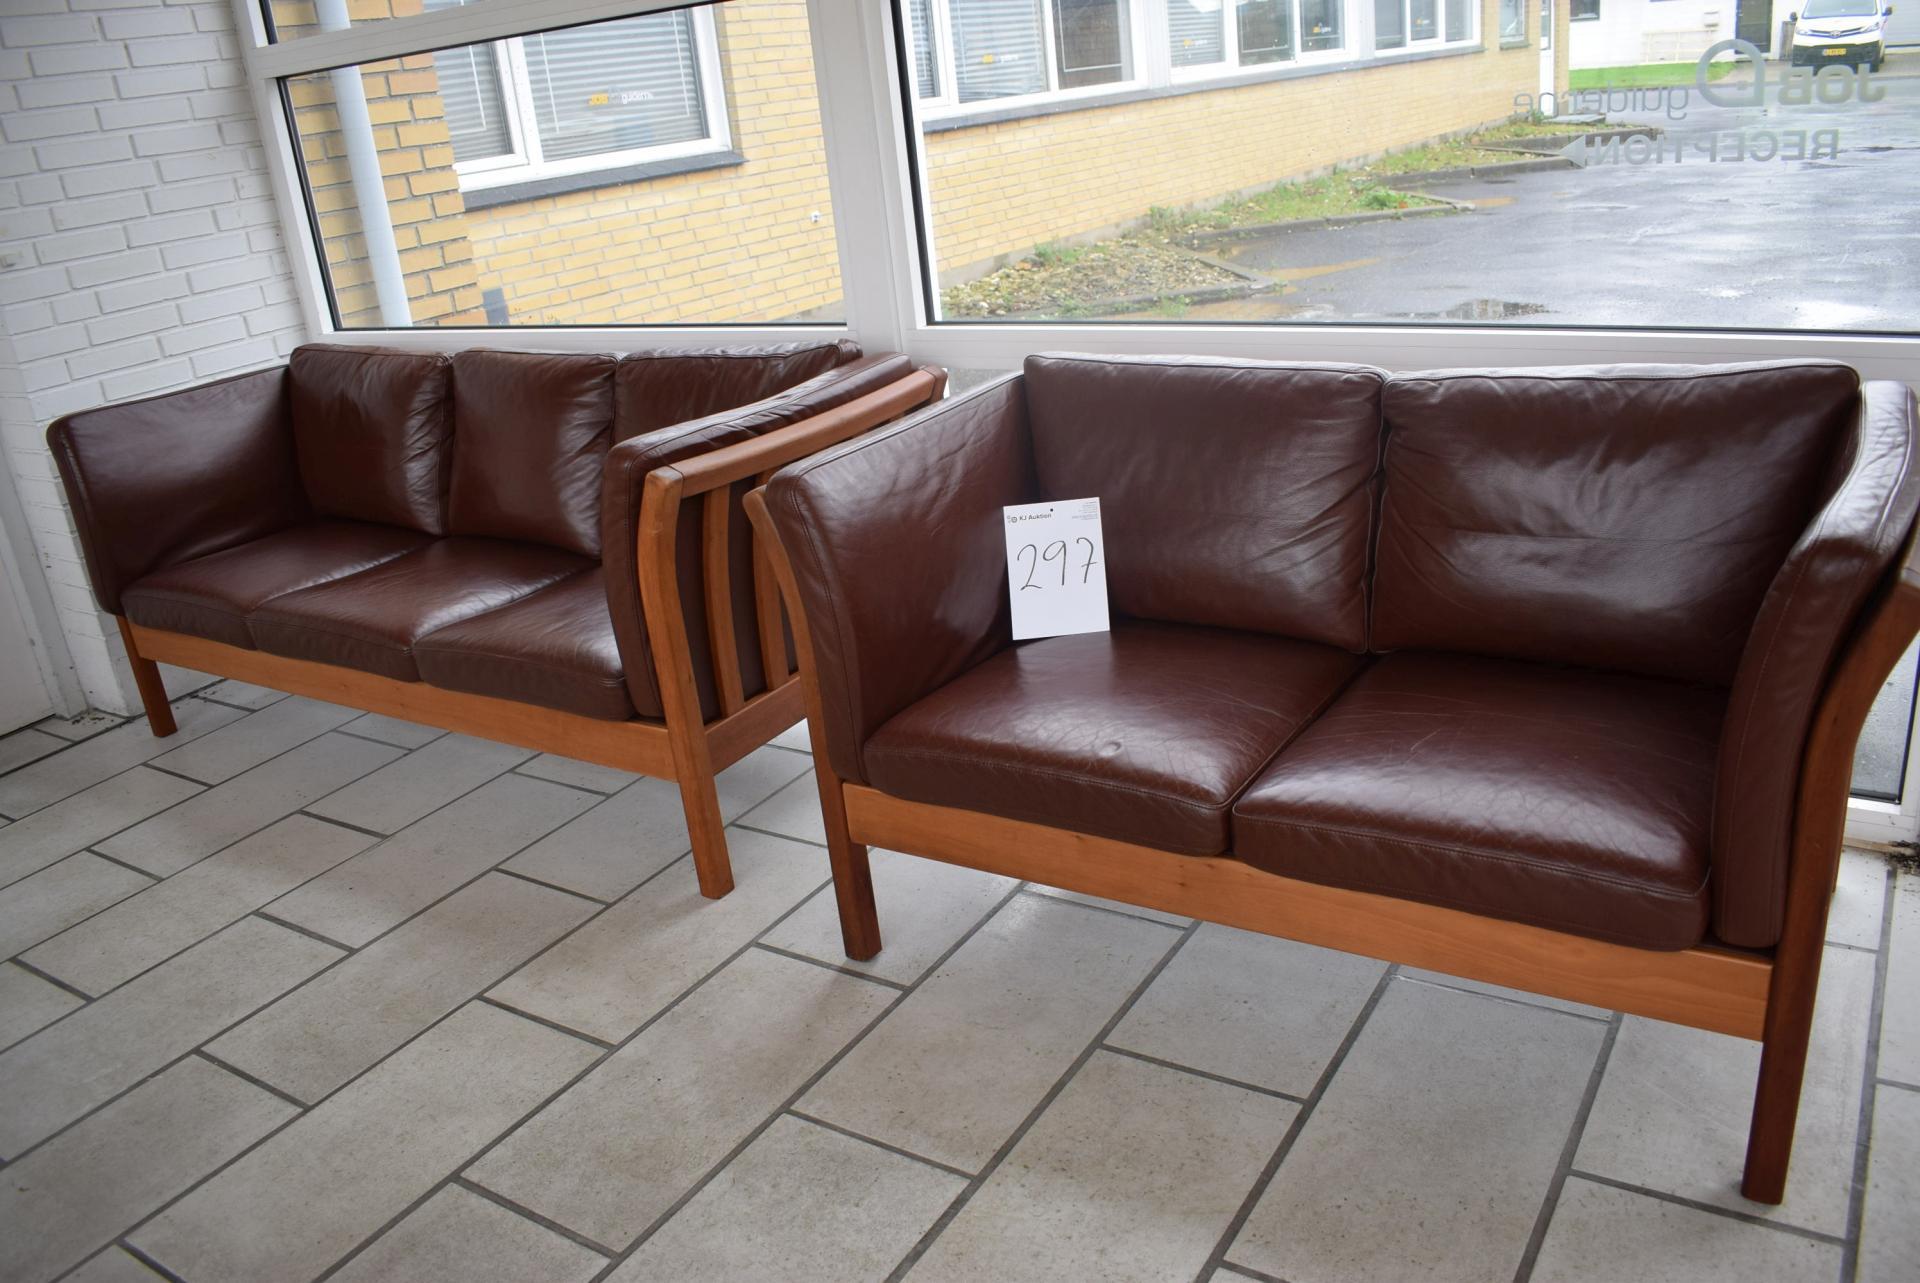 Picture of: Sofagruppe 3 2 Brun Laeder Brugt Nypris Kr 25 000 Kj Auktion Maskinauktioner